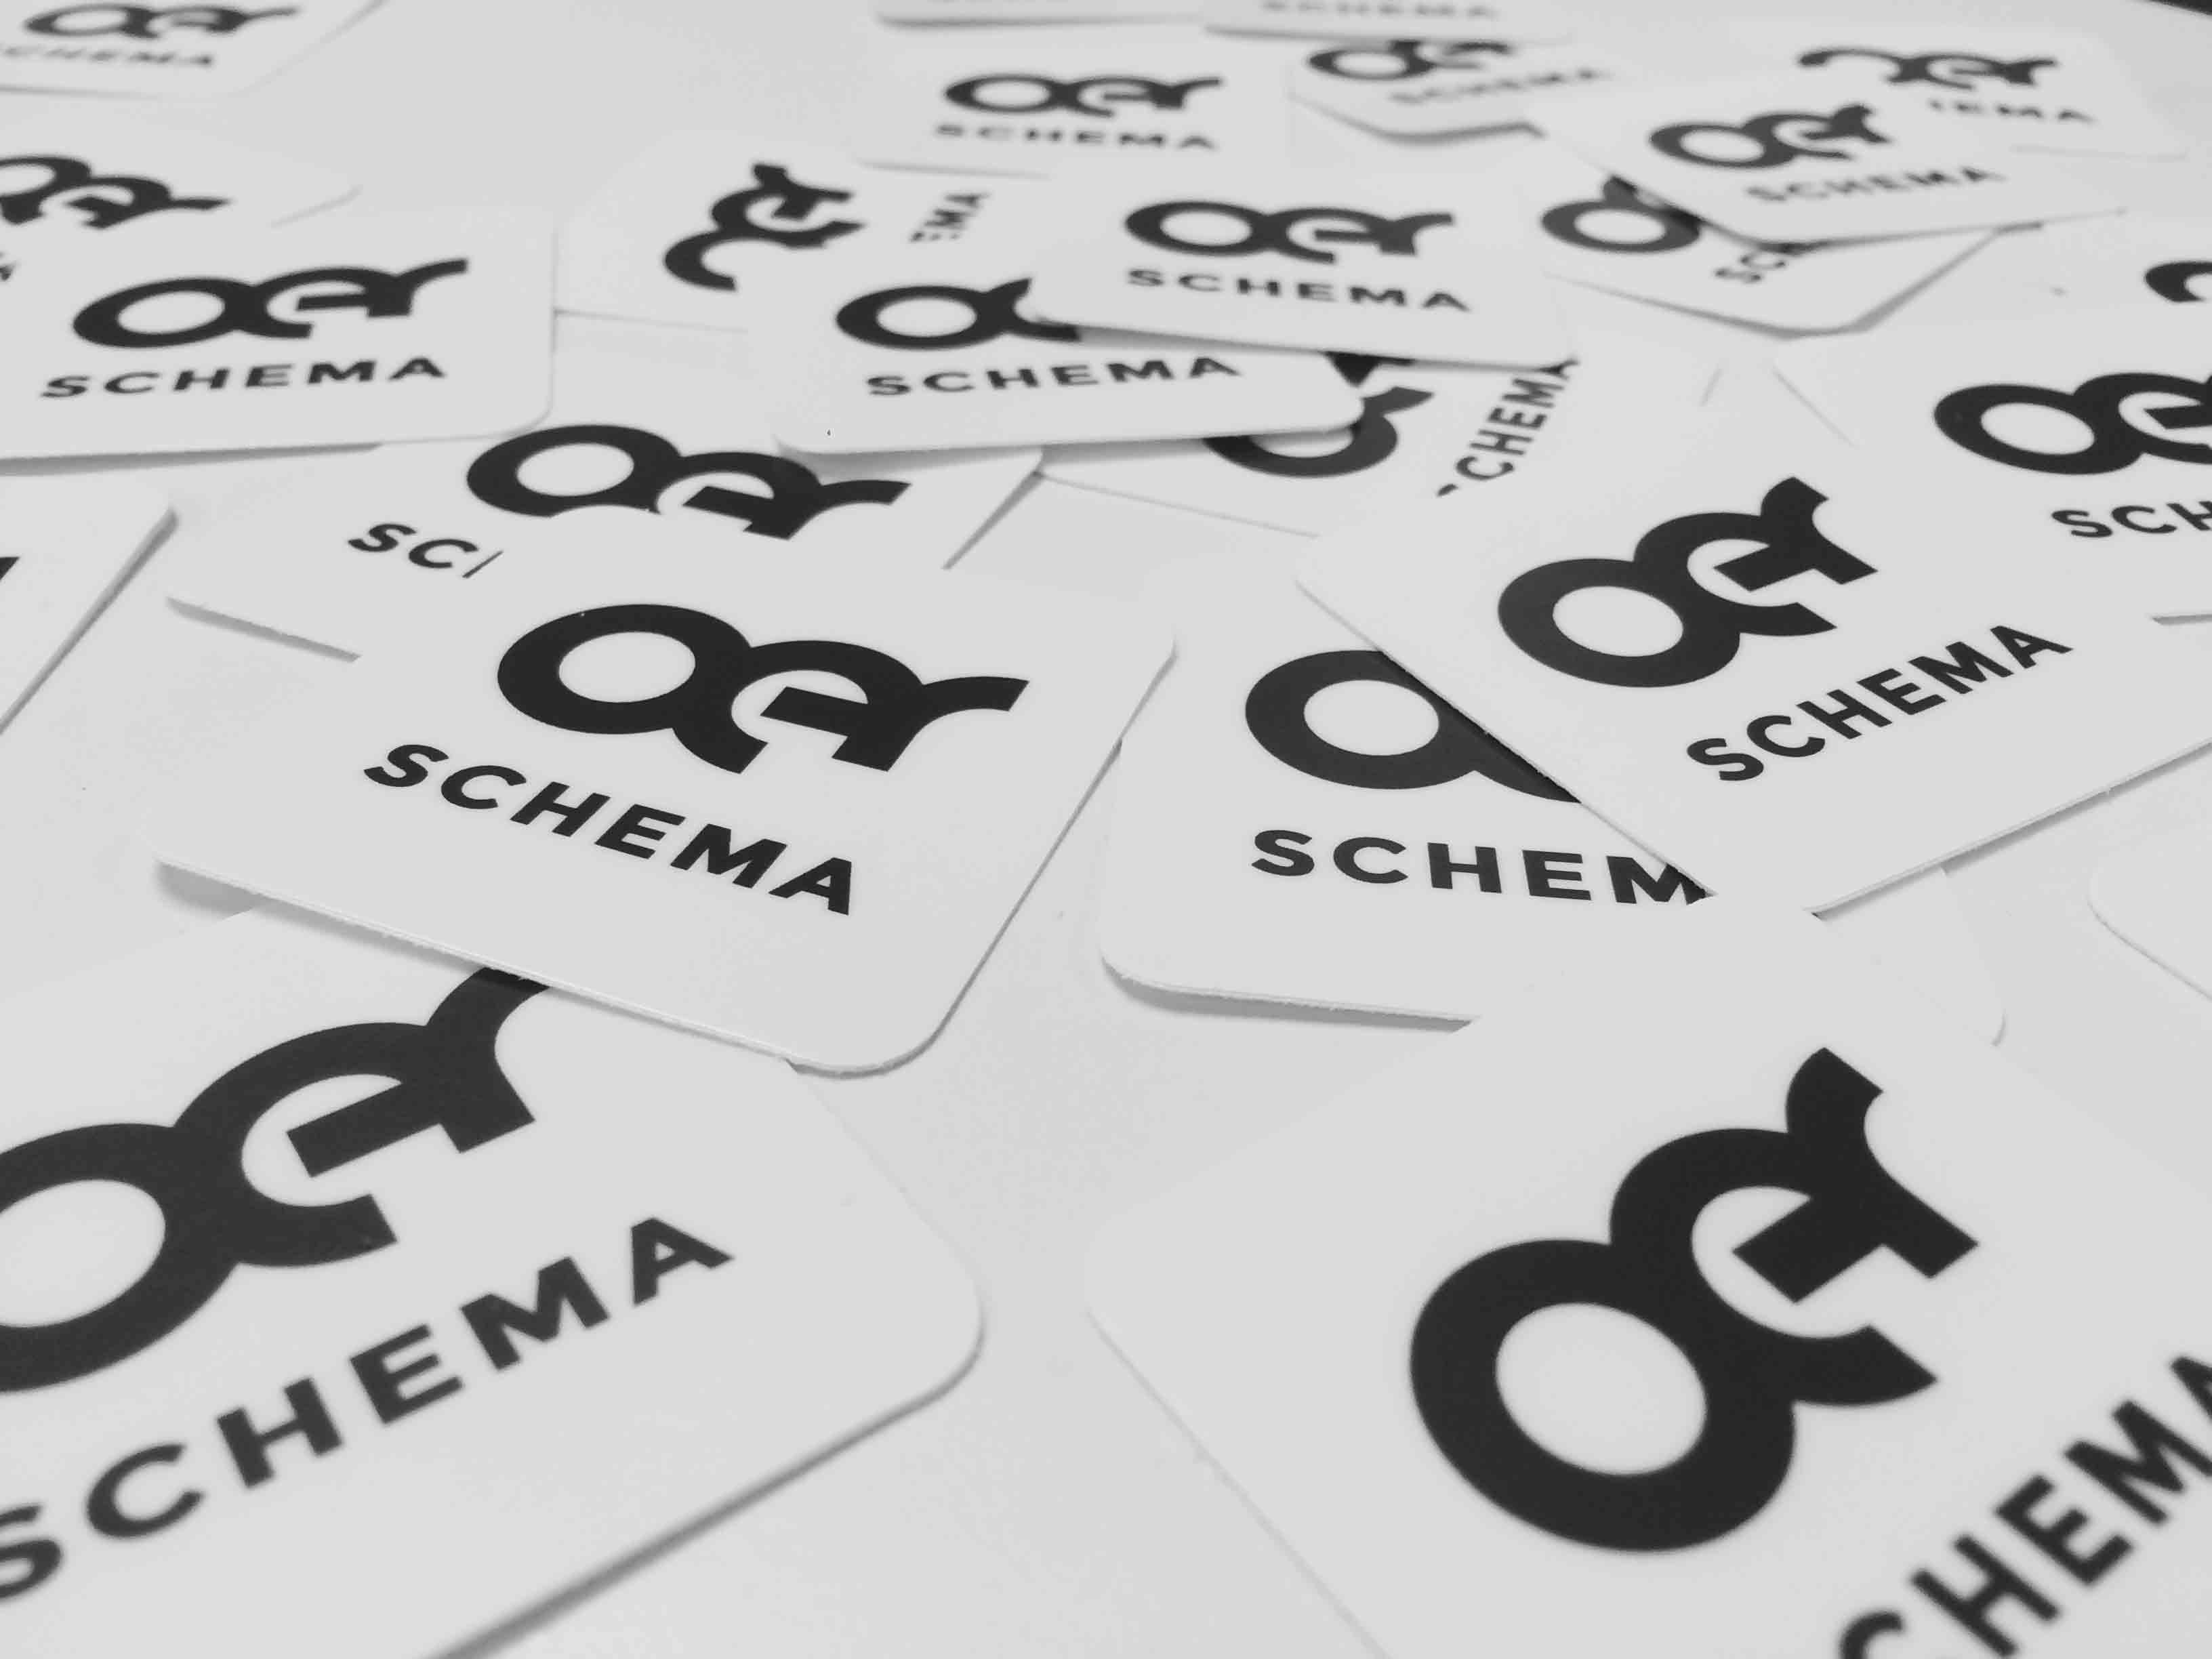 OER Schema stickers